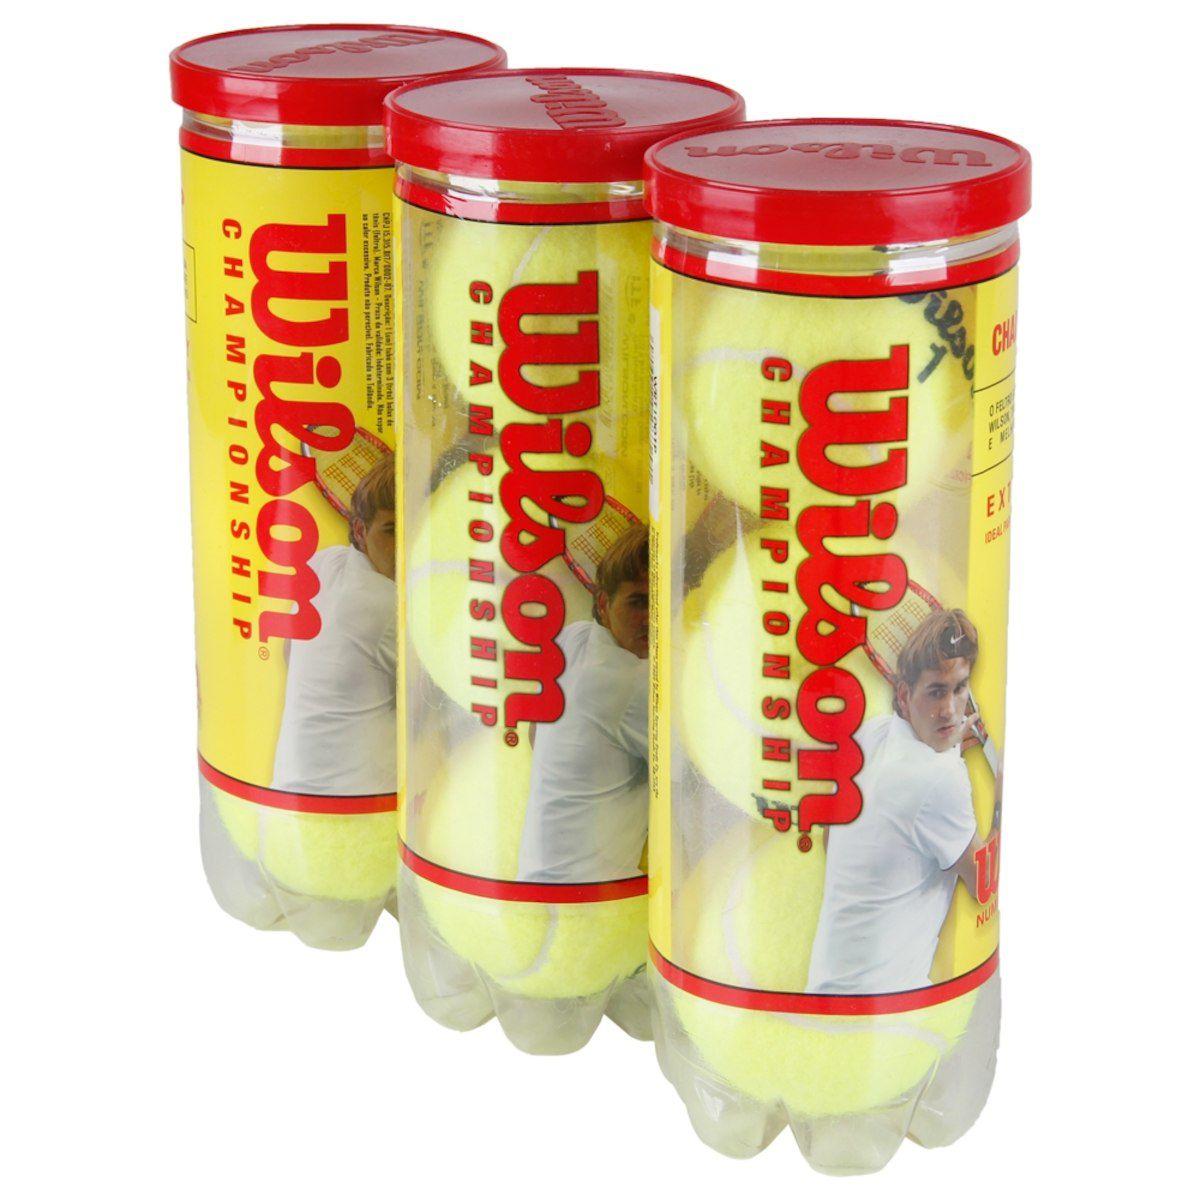 Bola de Tenis Wilson Championship - Pack com 3 tubos   9 Bolas.